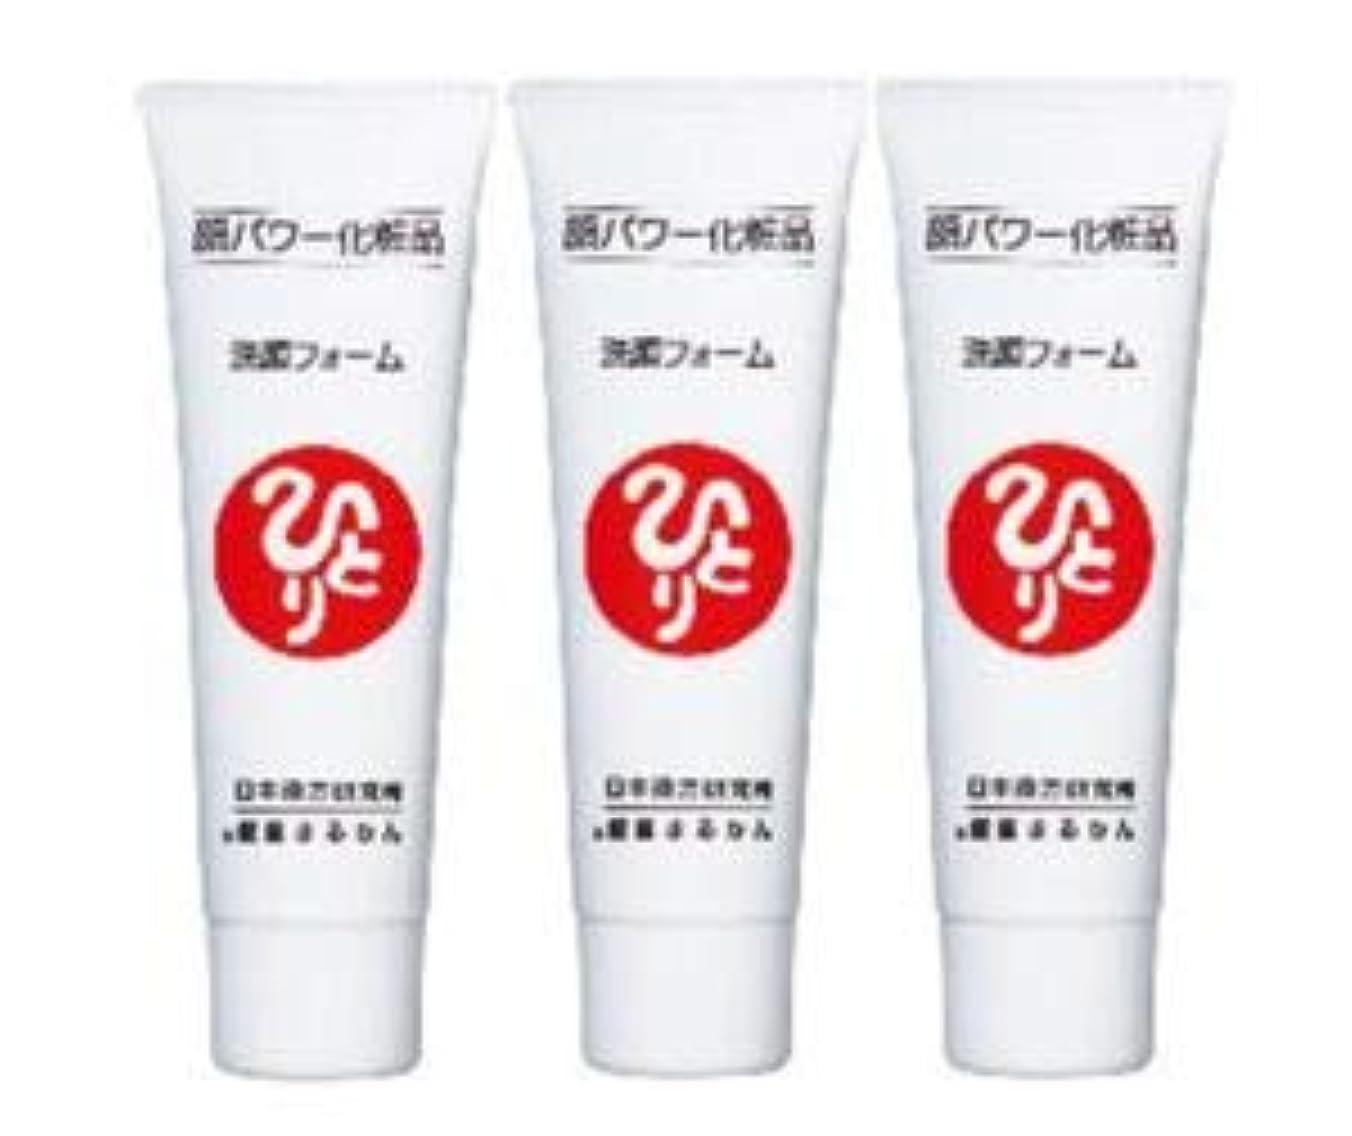 愛情入場料増強銀座まるかん マルカン 顔パワー洗顔フォーム 50g 3個セット